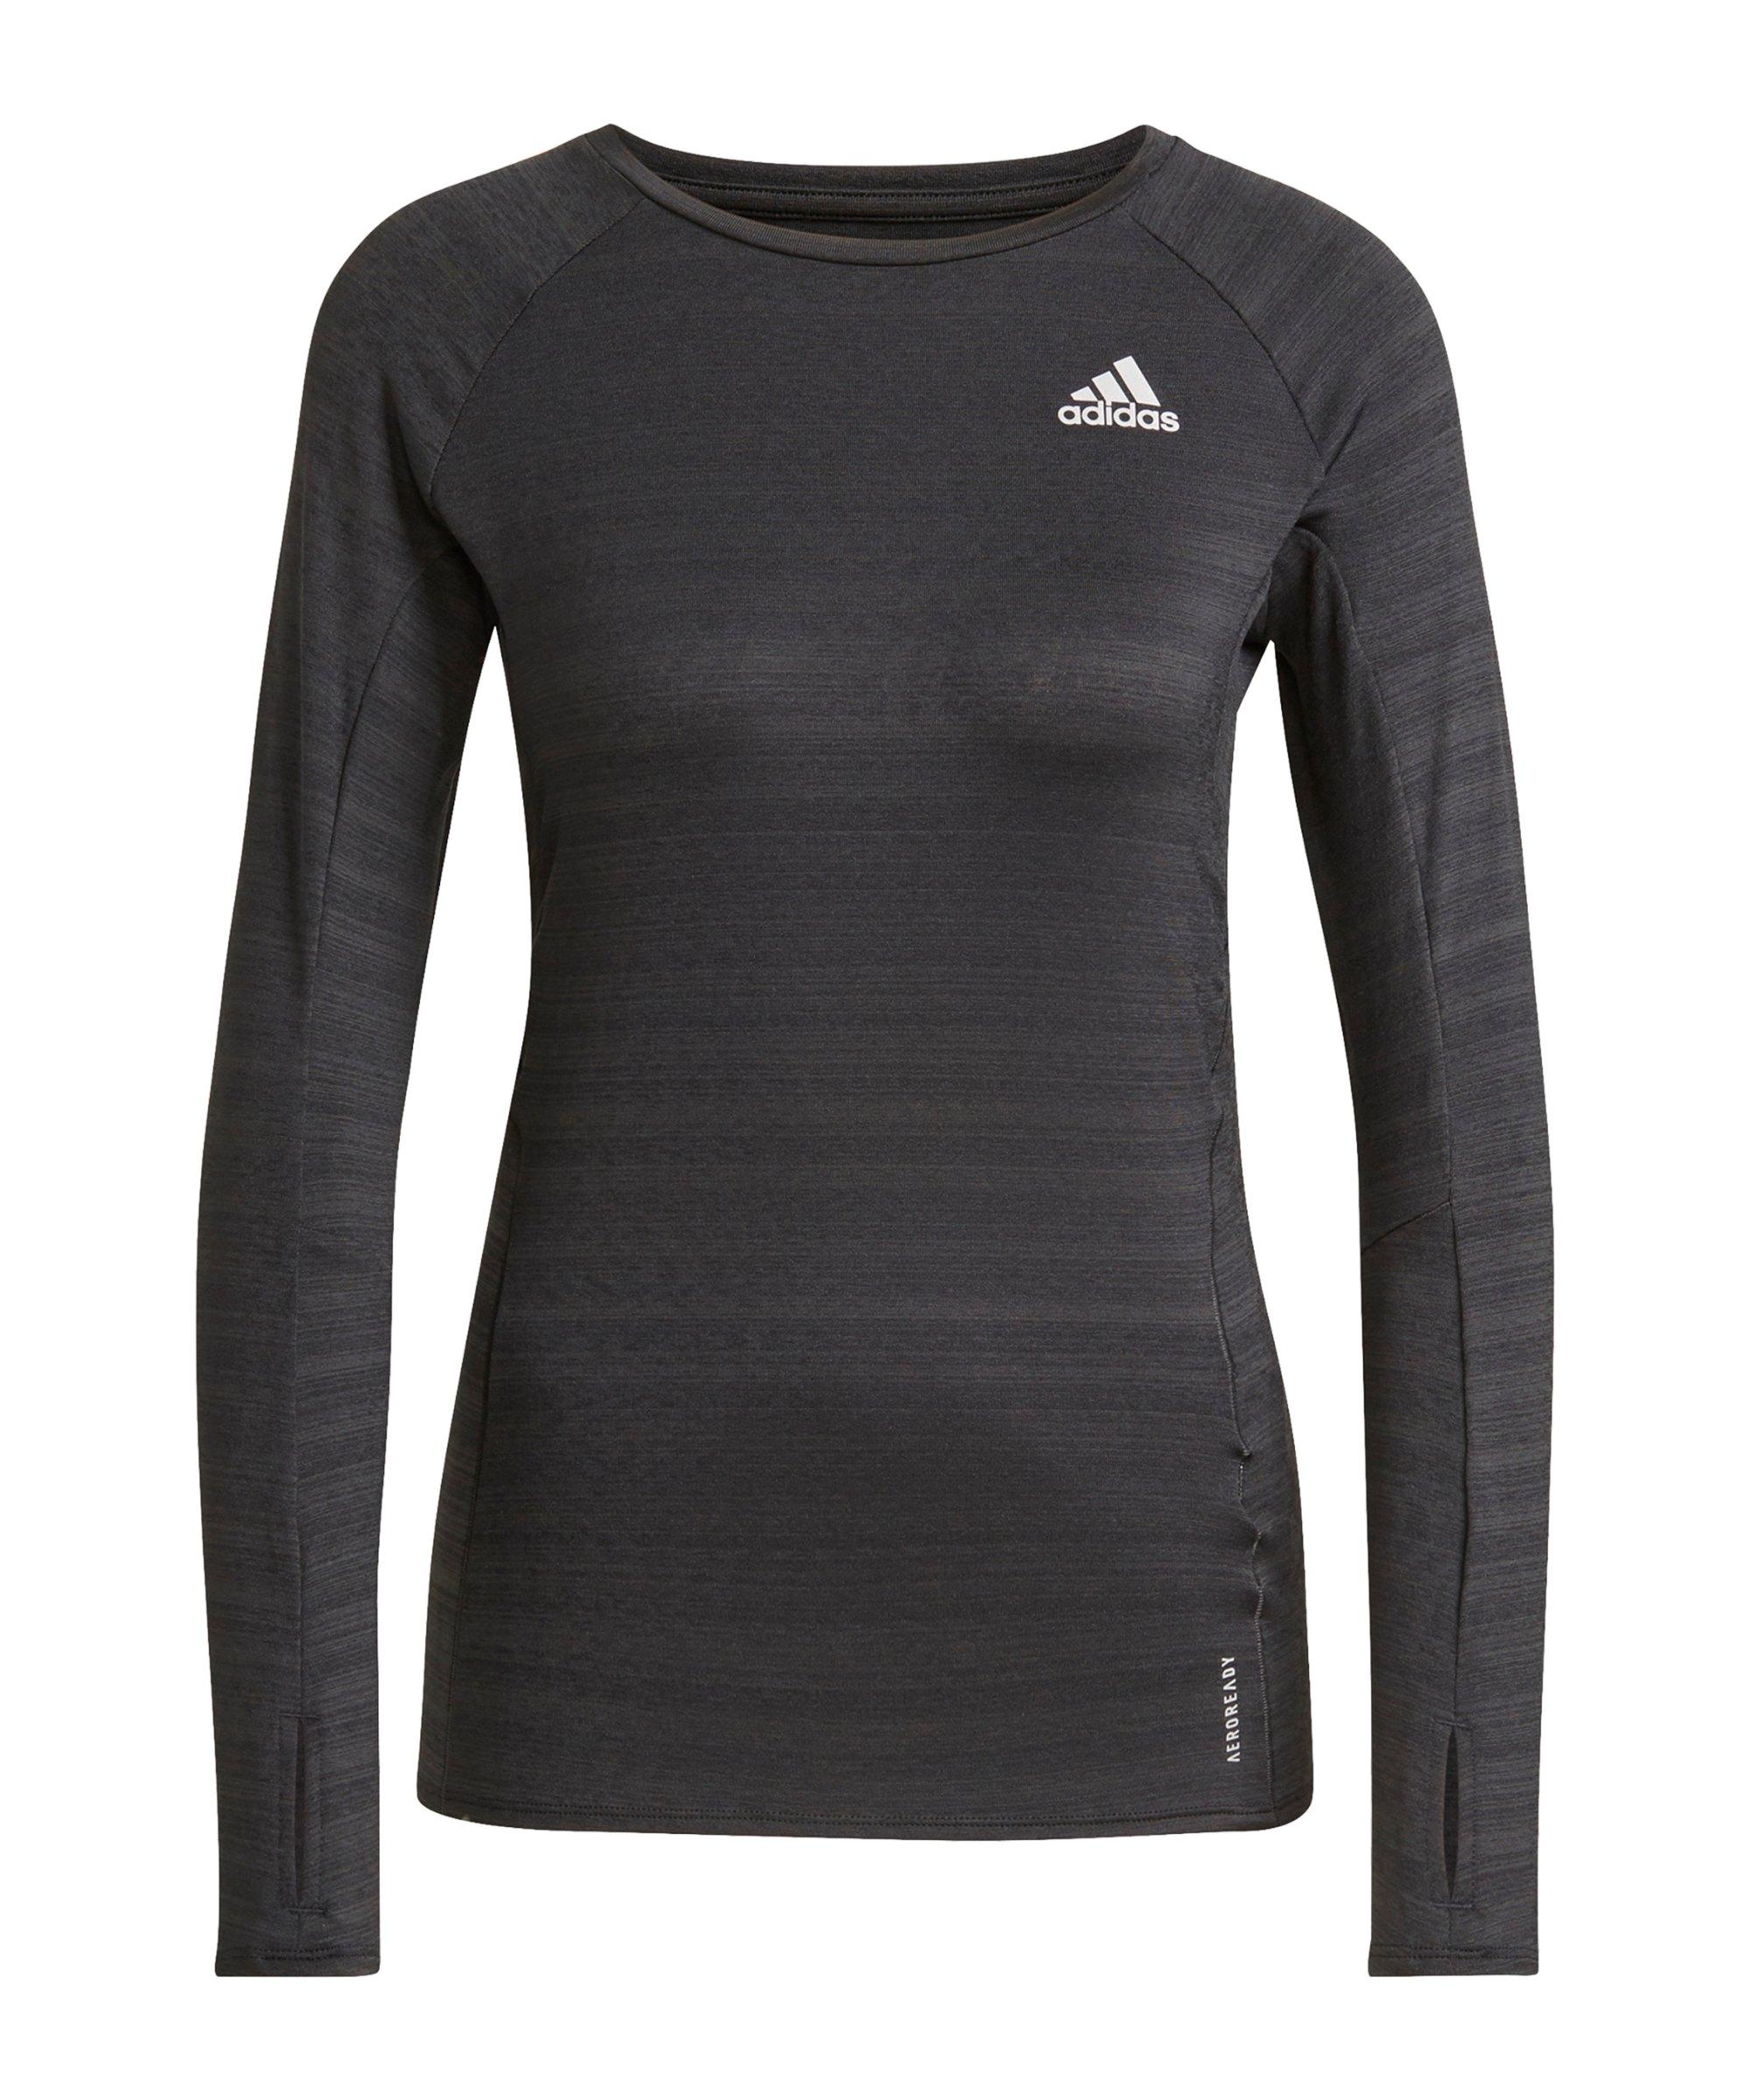 adidas Adi Runner Shirt LA Running Damen Schwarz - schwarz